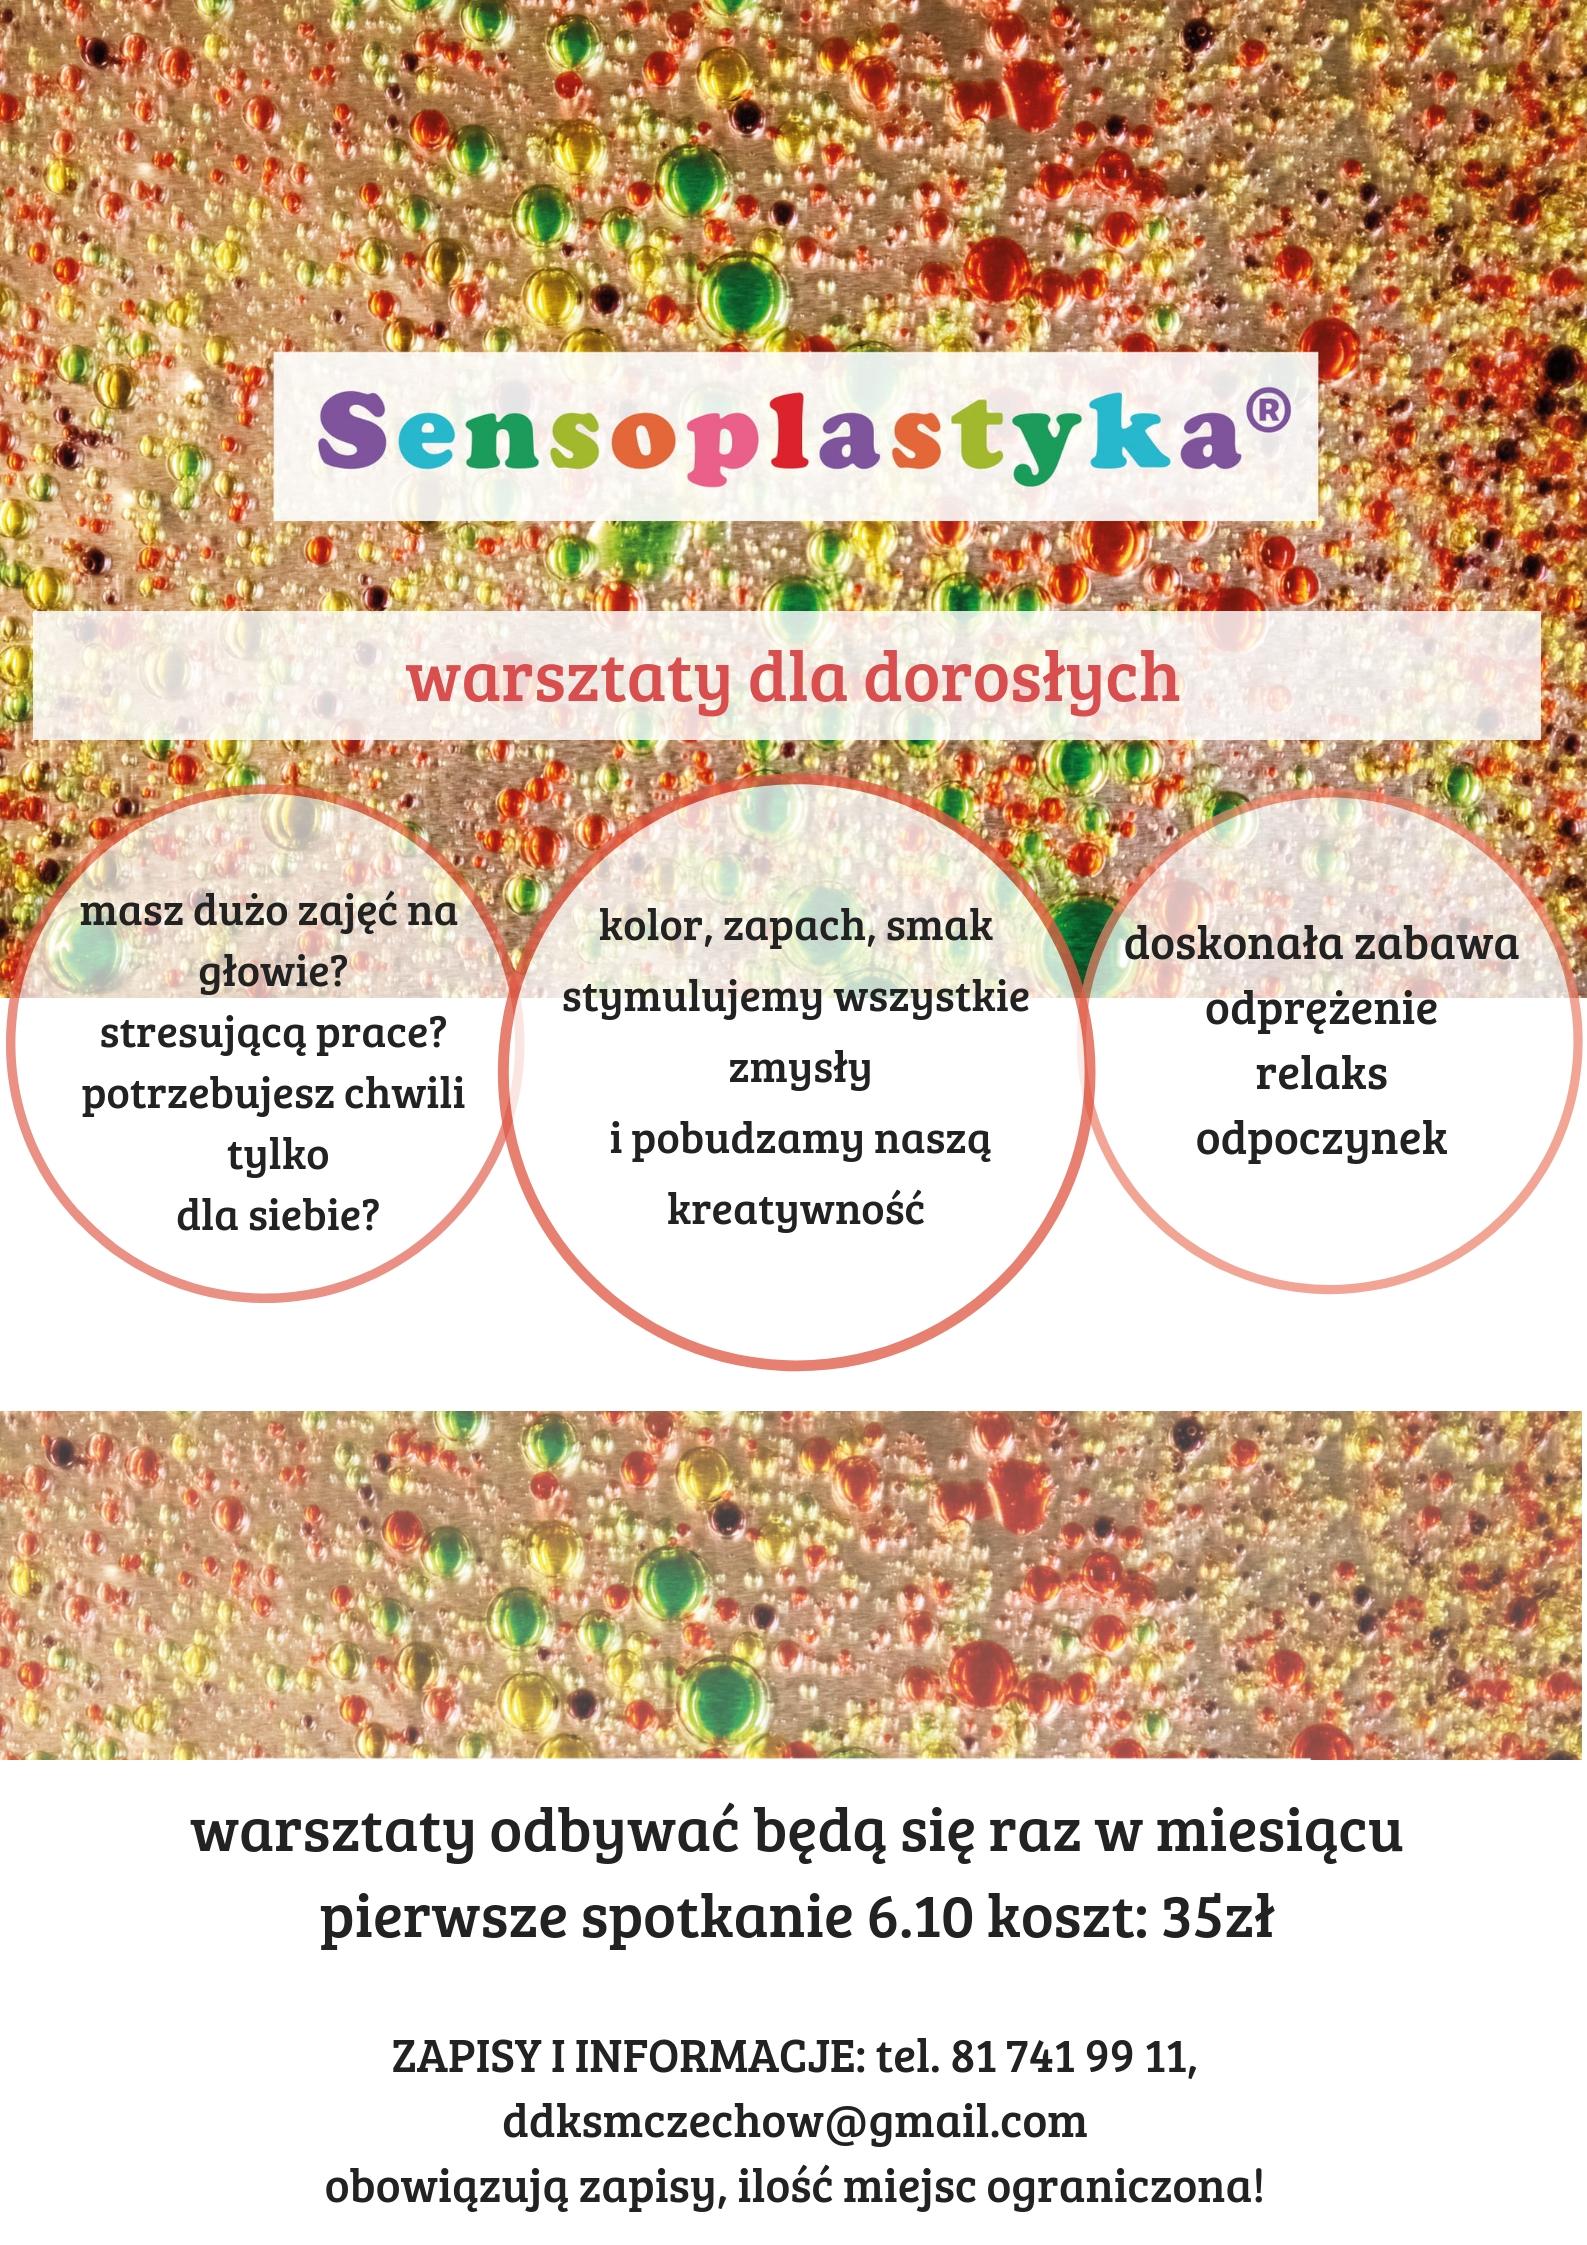 Sensoplastyka – warsztaty dla dorosłych